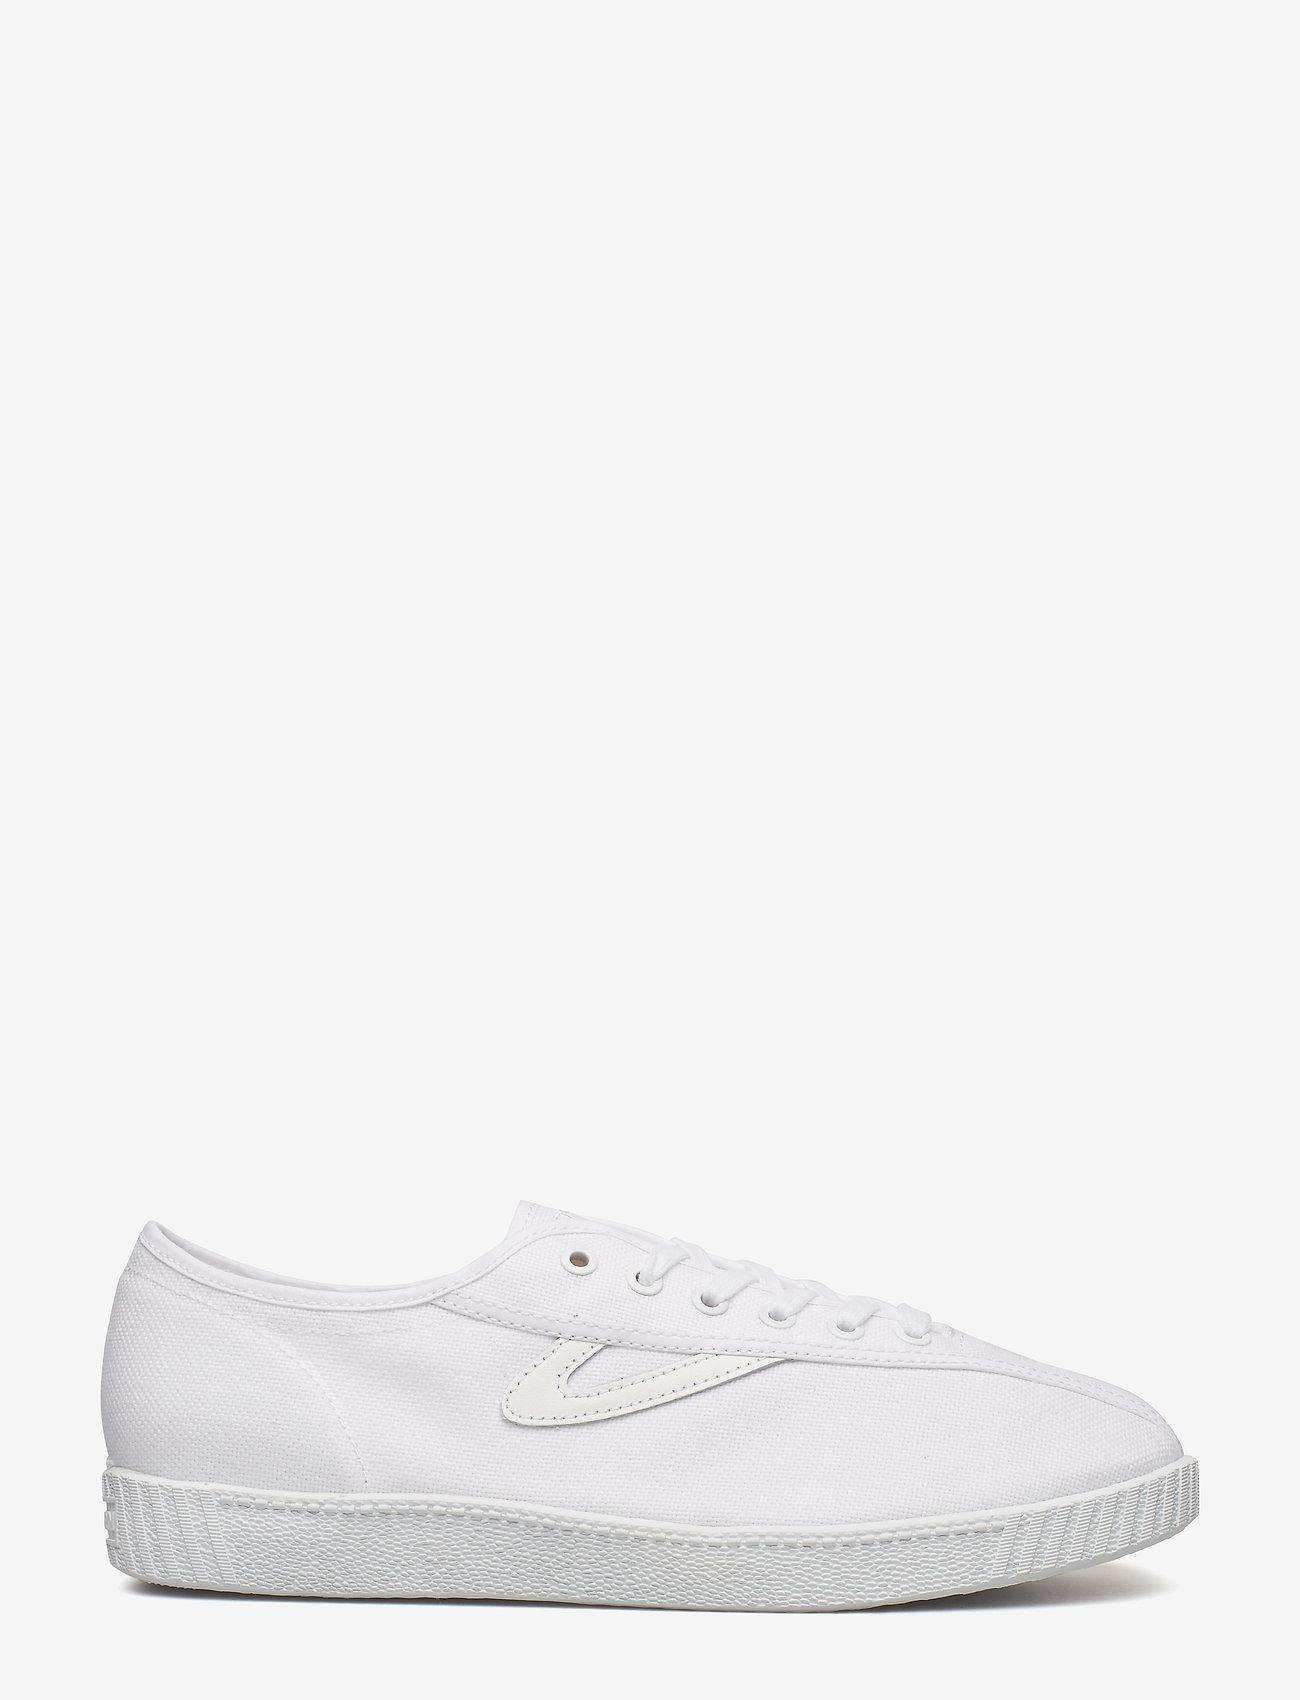 Tretorn - NYLITE - baskets basses - 003/white/white - 1